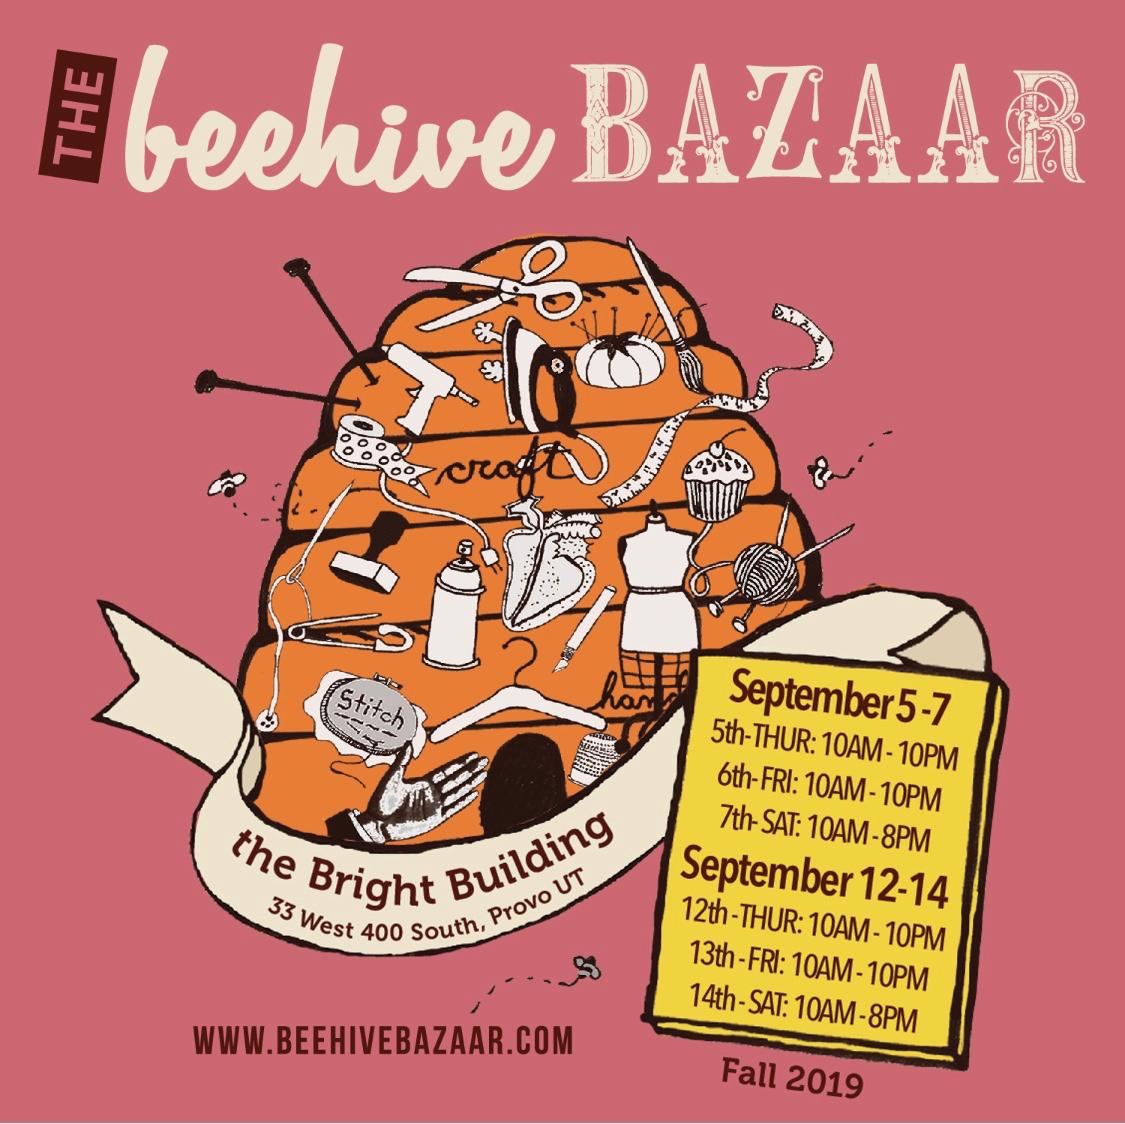 Fall 2019 Beehive Bazaar